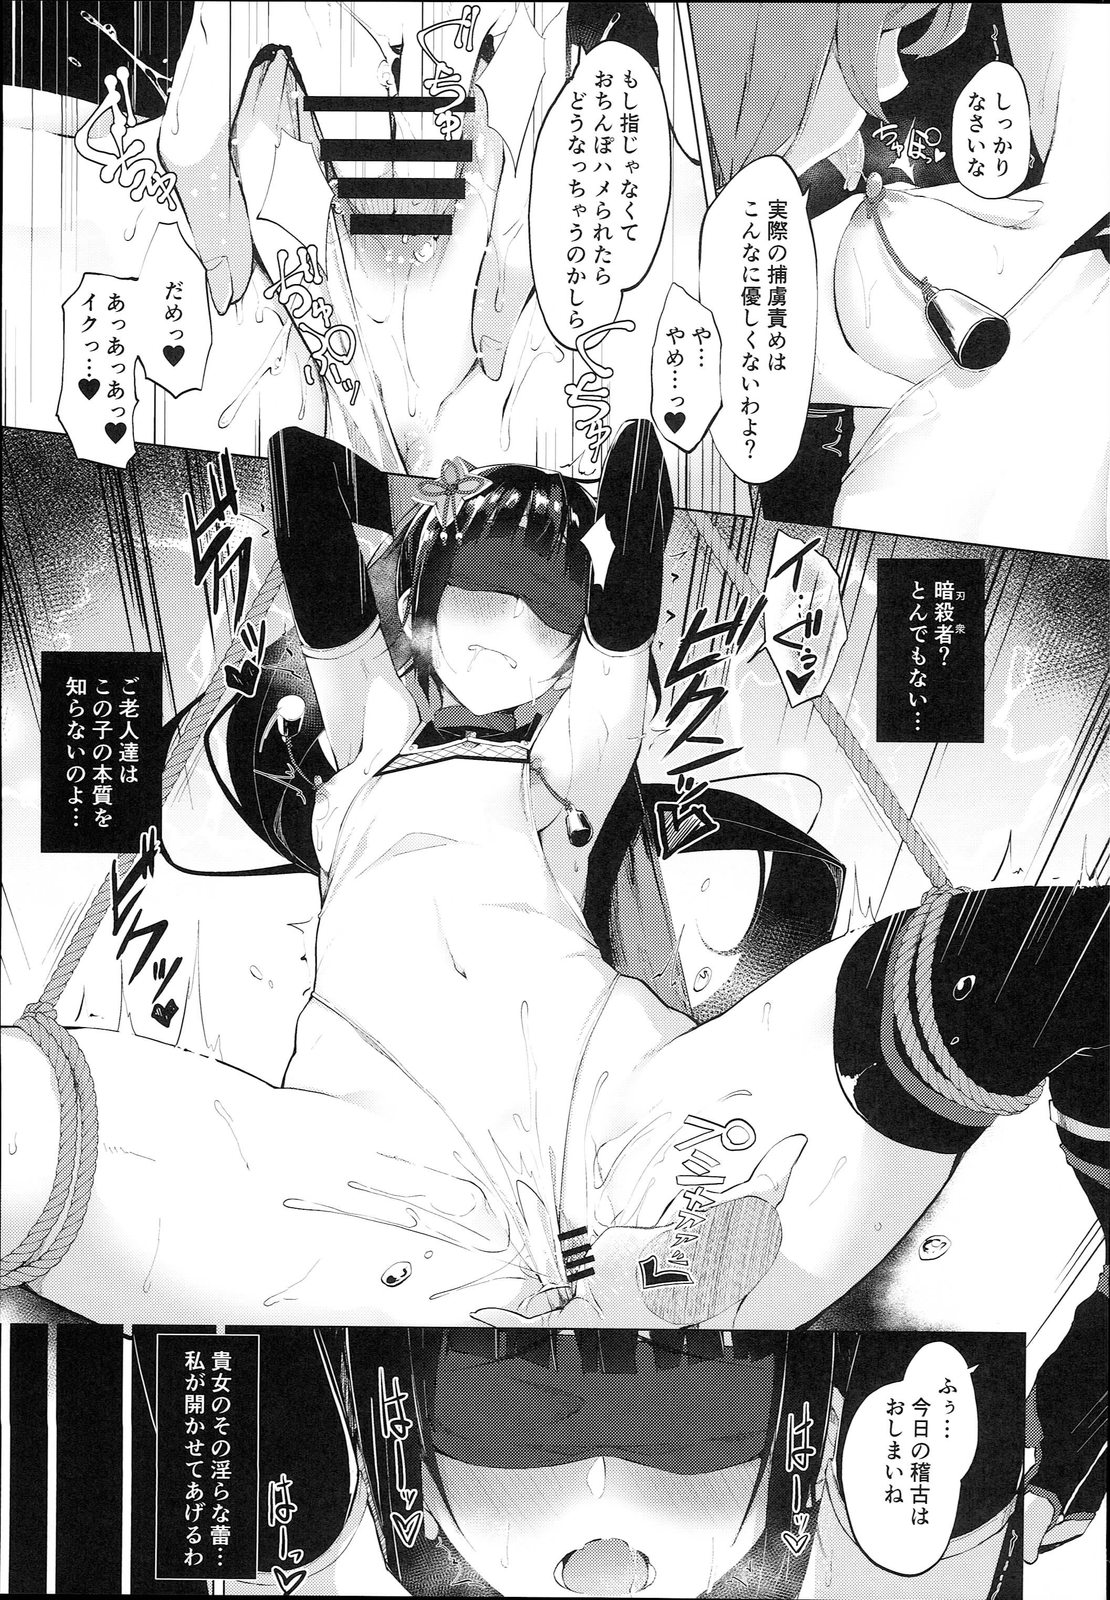 【エロ同人誌】単独任務中のくノ一が性欲に理性を失い敵に囚われ快楽拷問に堕ちるwww【オリジナル/C93】